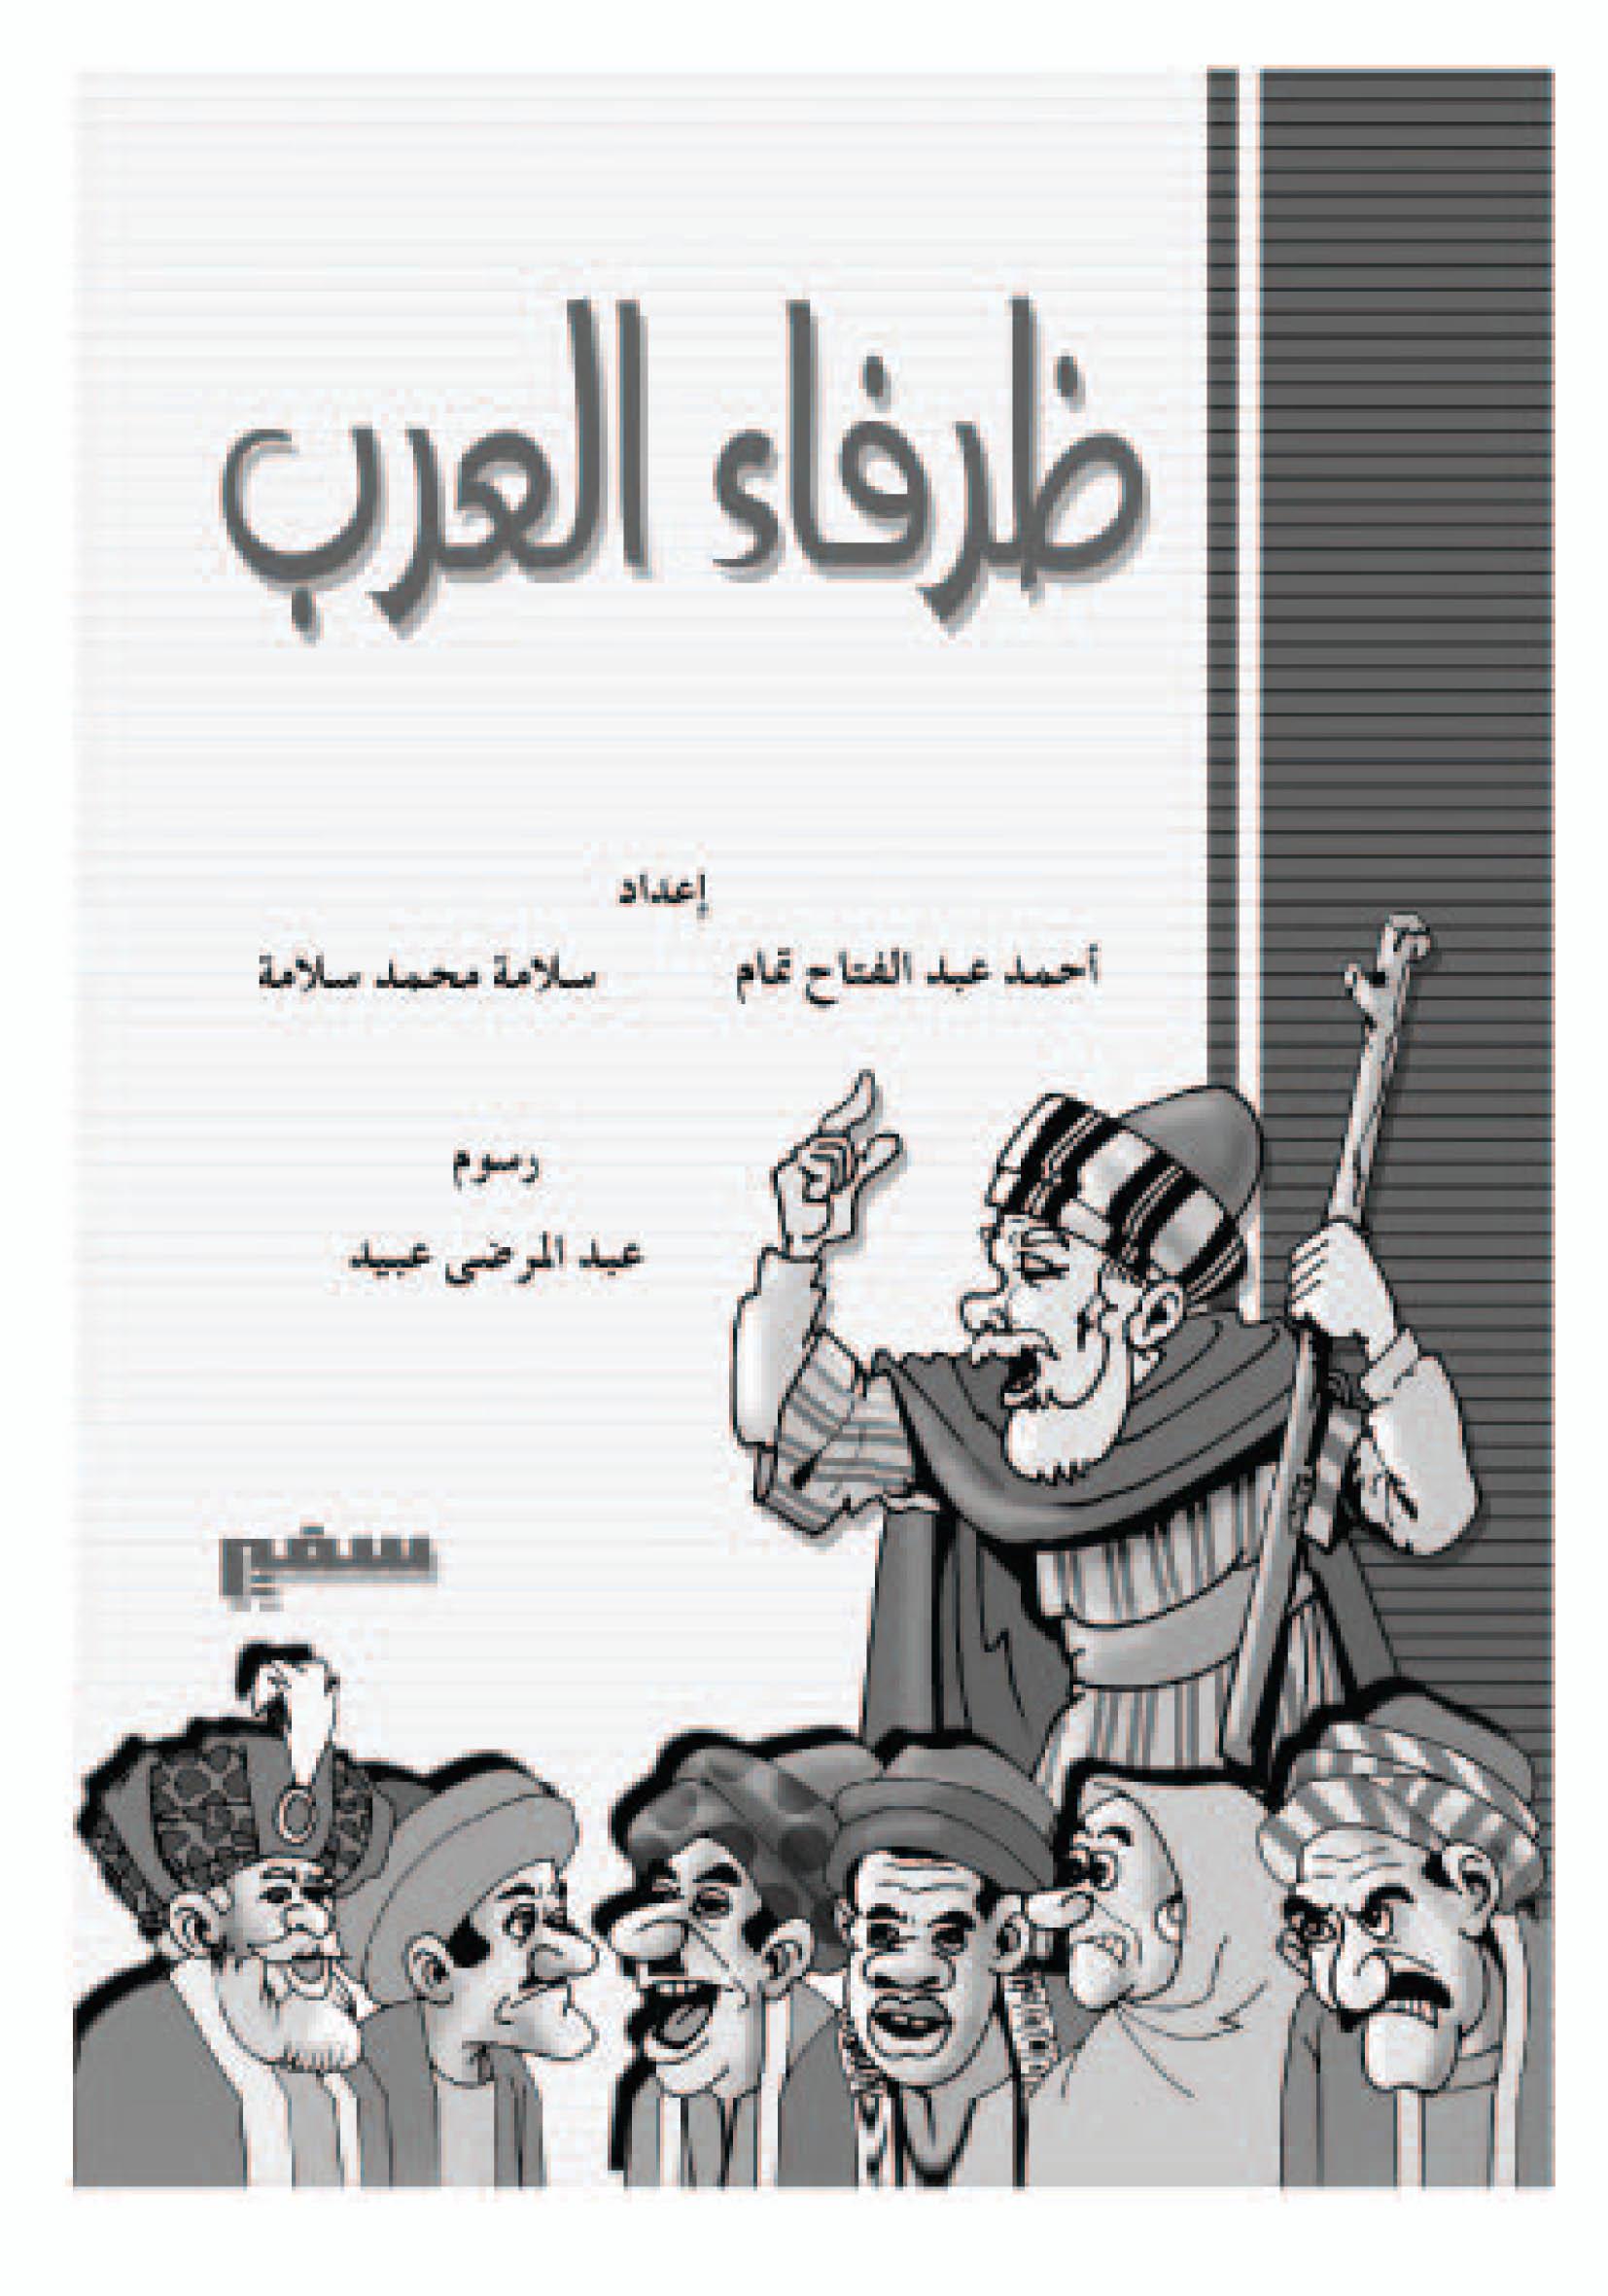 ظرفاء العرب